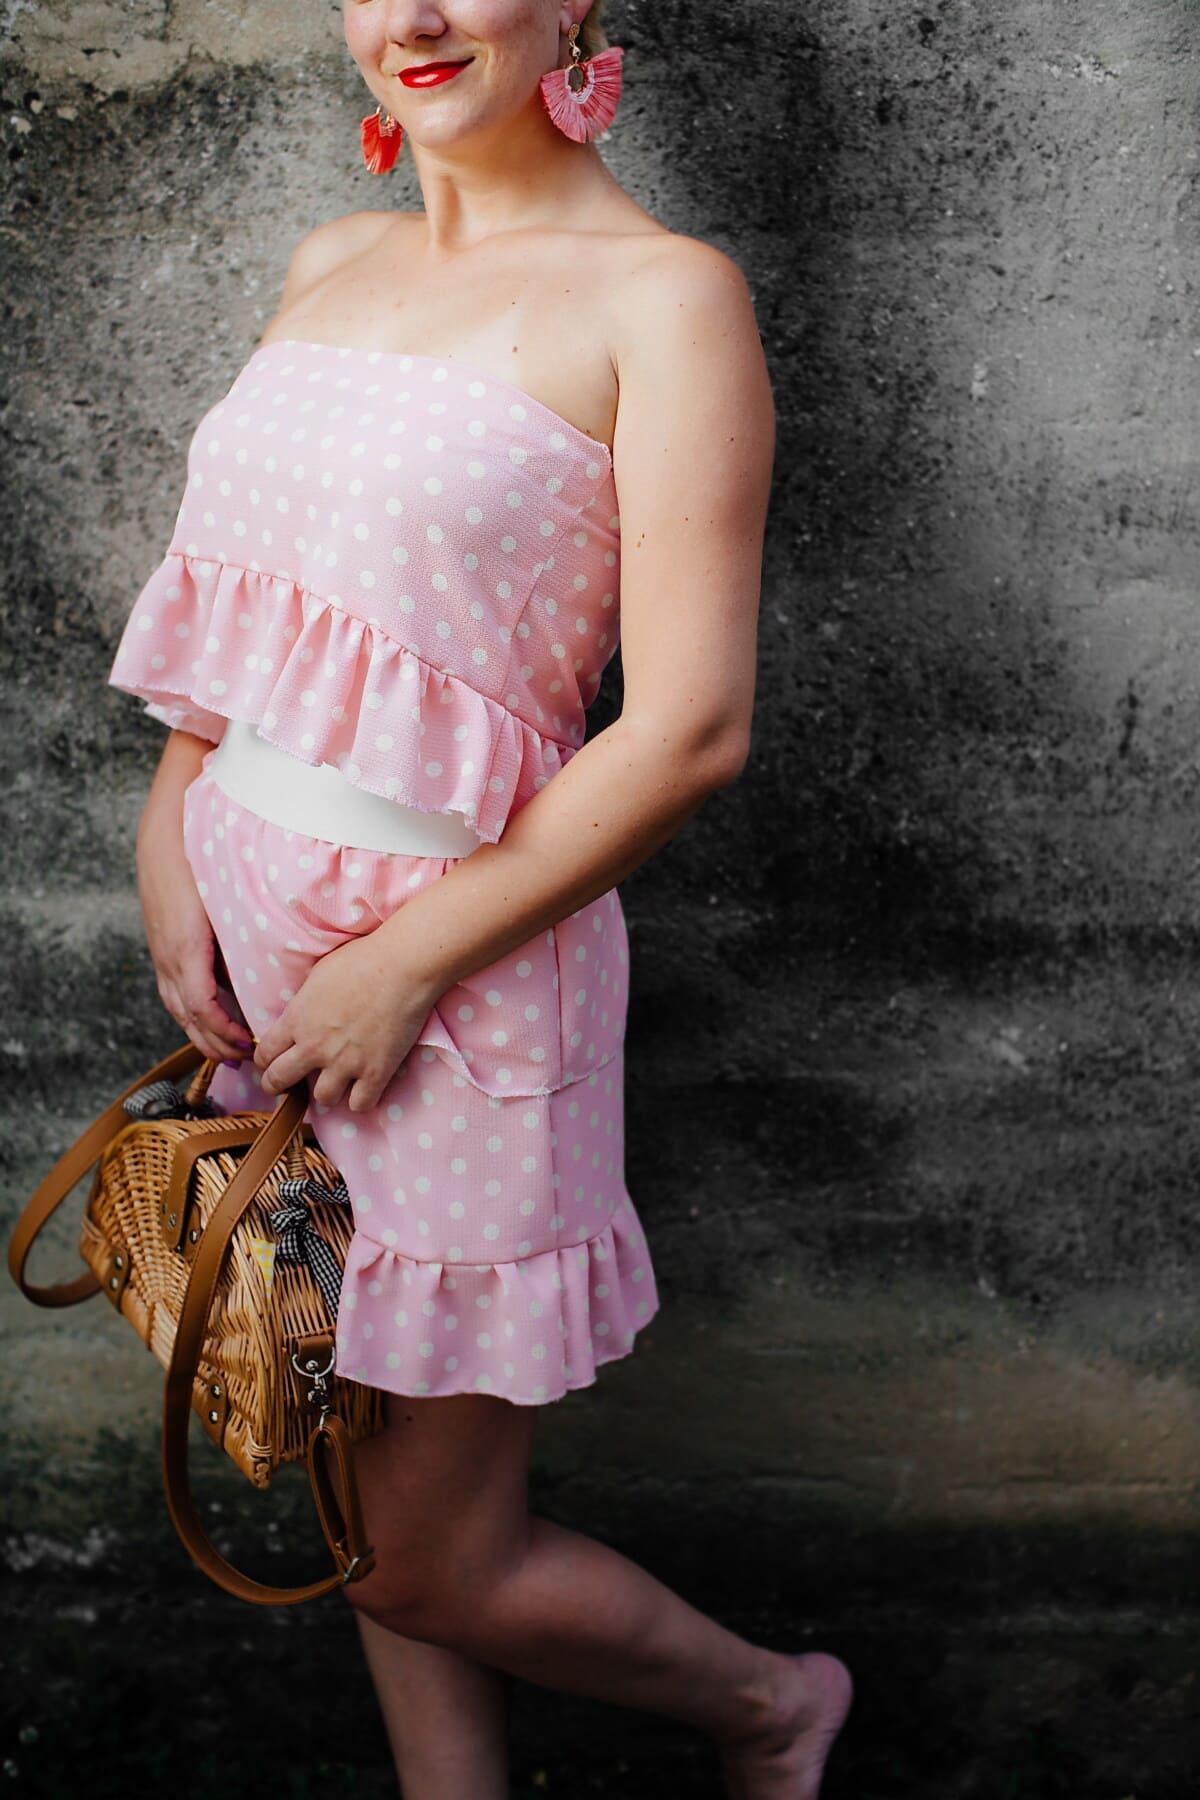 démodé, Pink lady, vintage, mise en plis, Rose, robe, jupe, vêtement, mode, femme